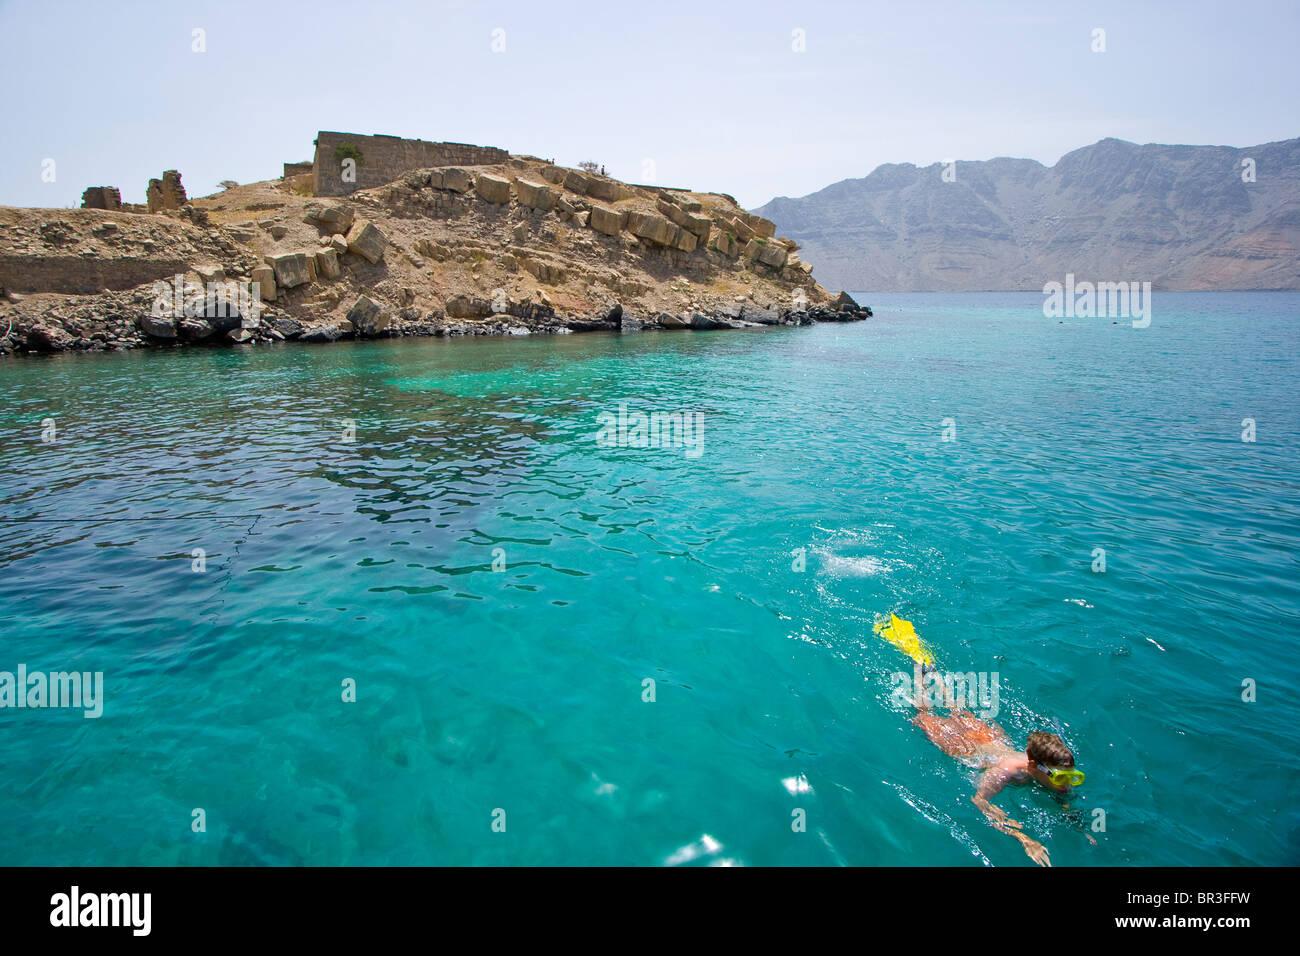 Ragazzo Snorkeling presso l'isola del telegrafo sulla penisola di Musandam in Oman Immagini Stock